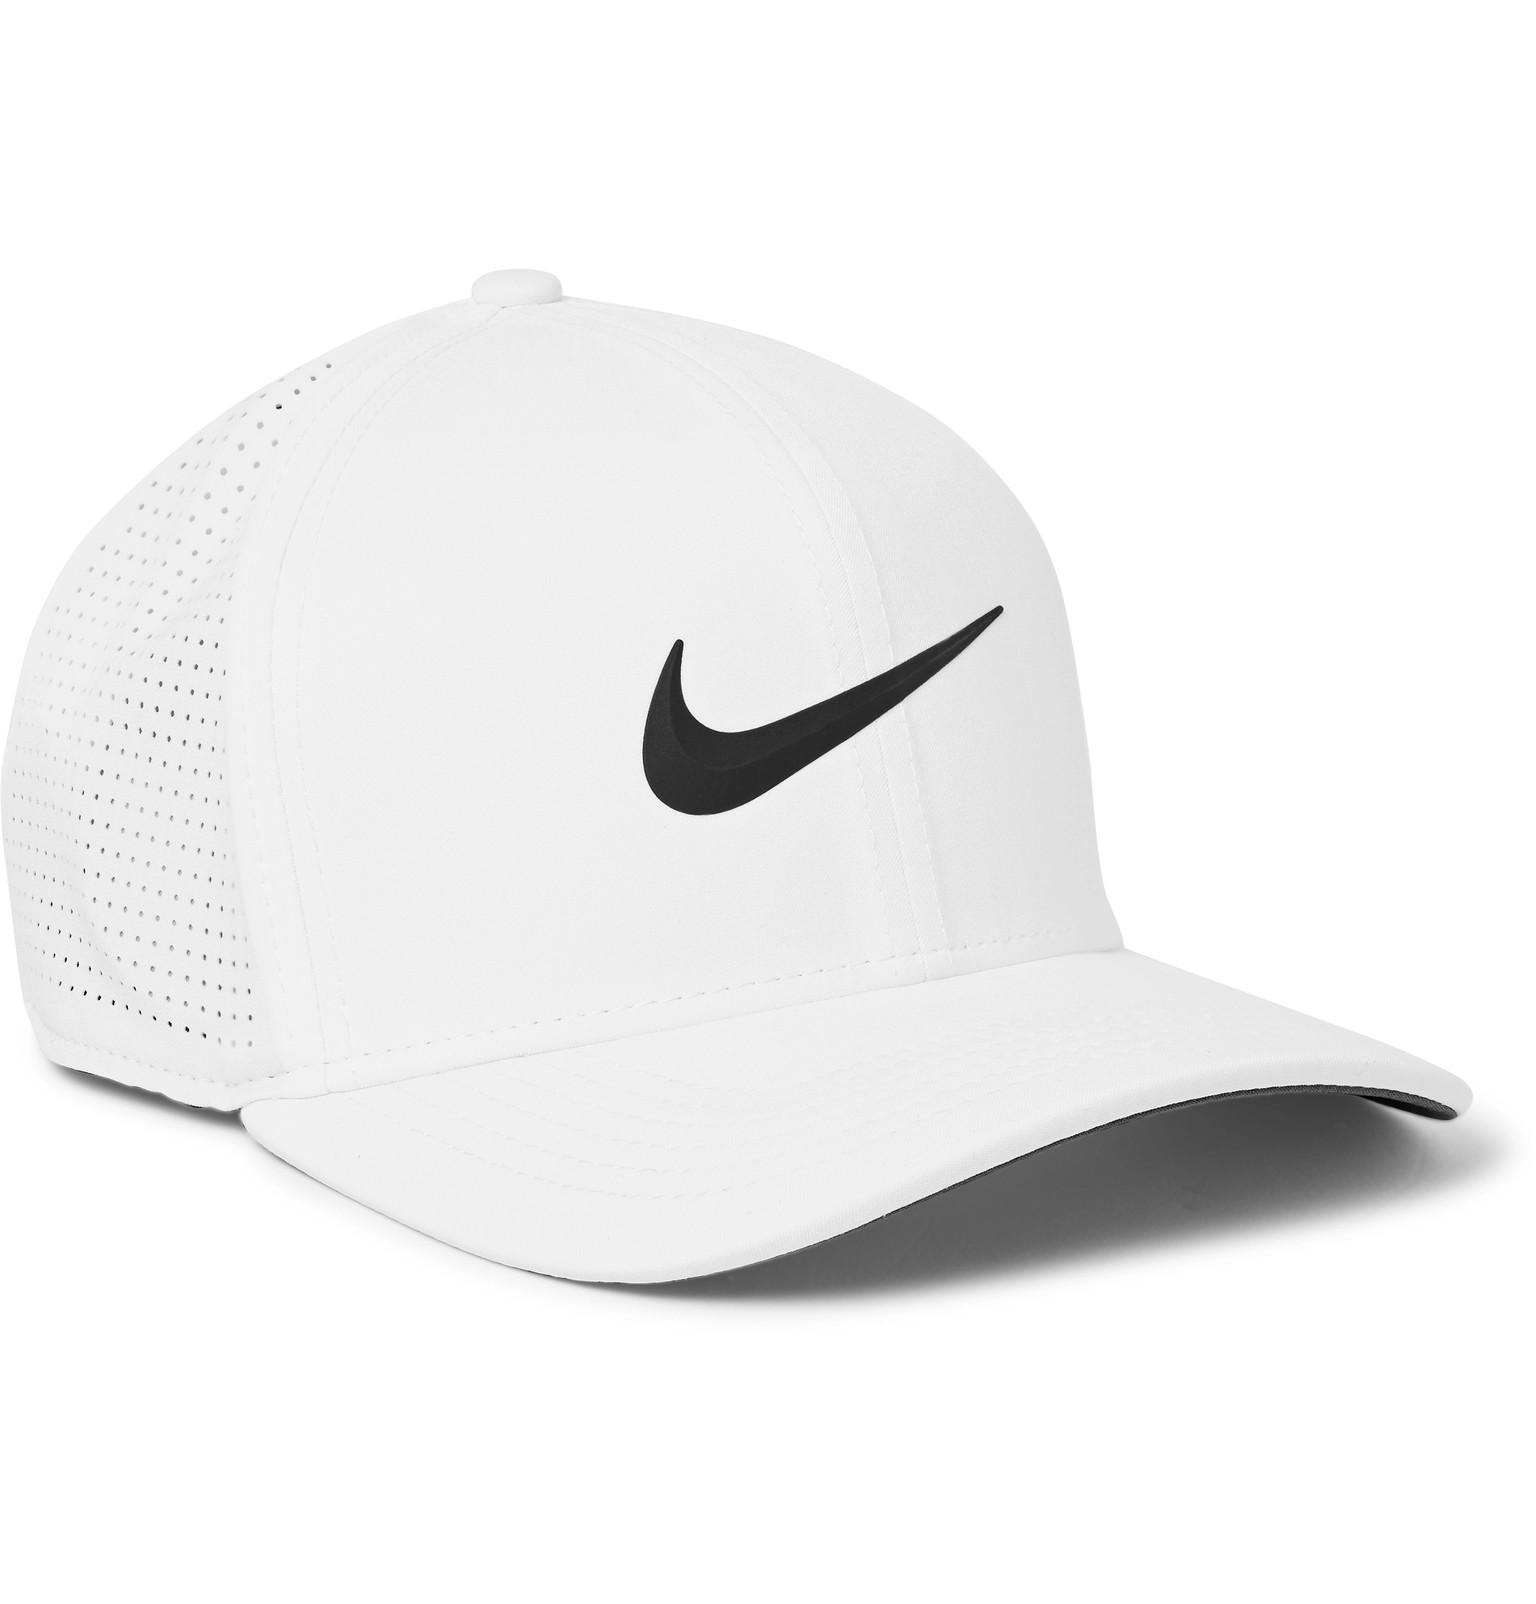 8d7e425973c34 Nike Golf - Aerobill Classic 99 Perforated Dri-FIT Golf Cap